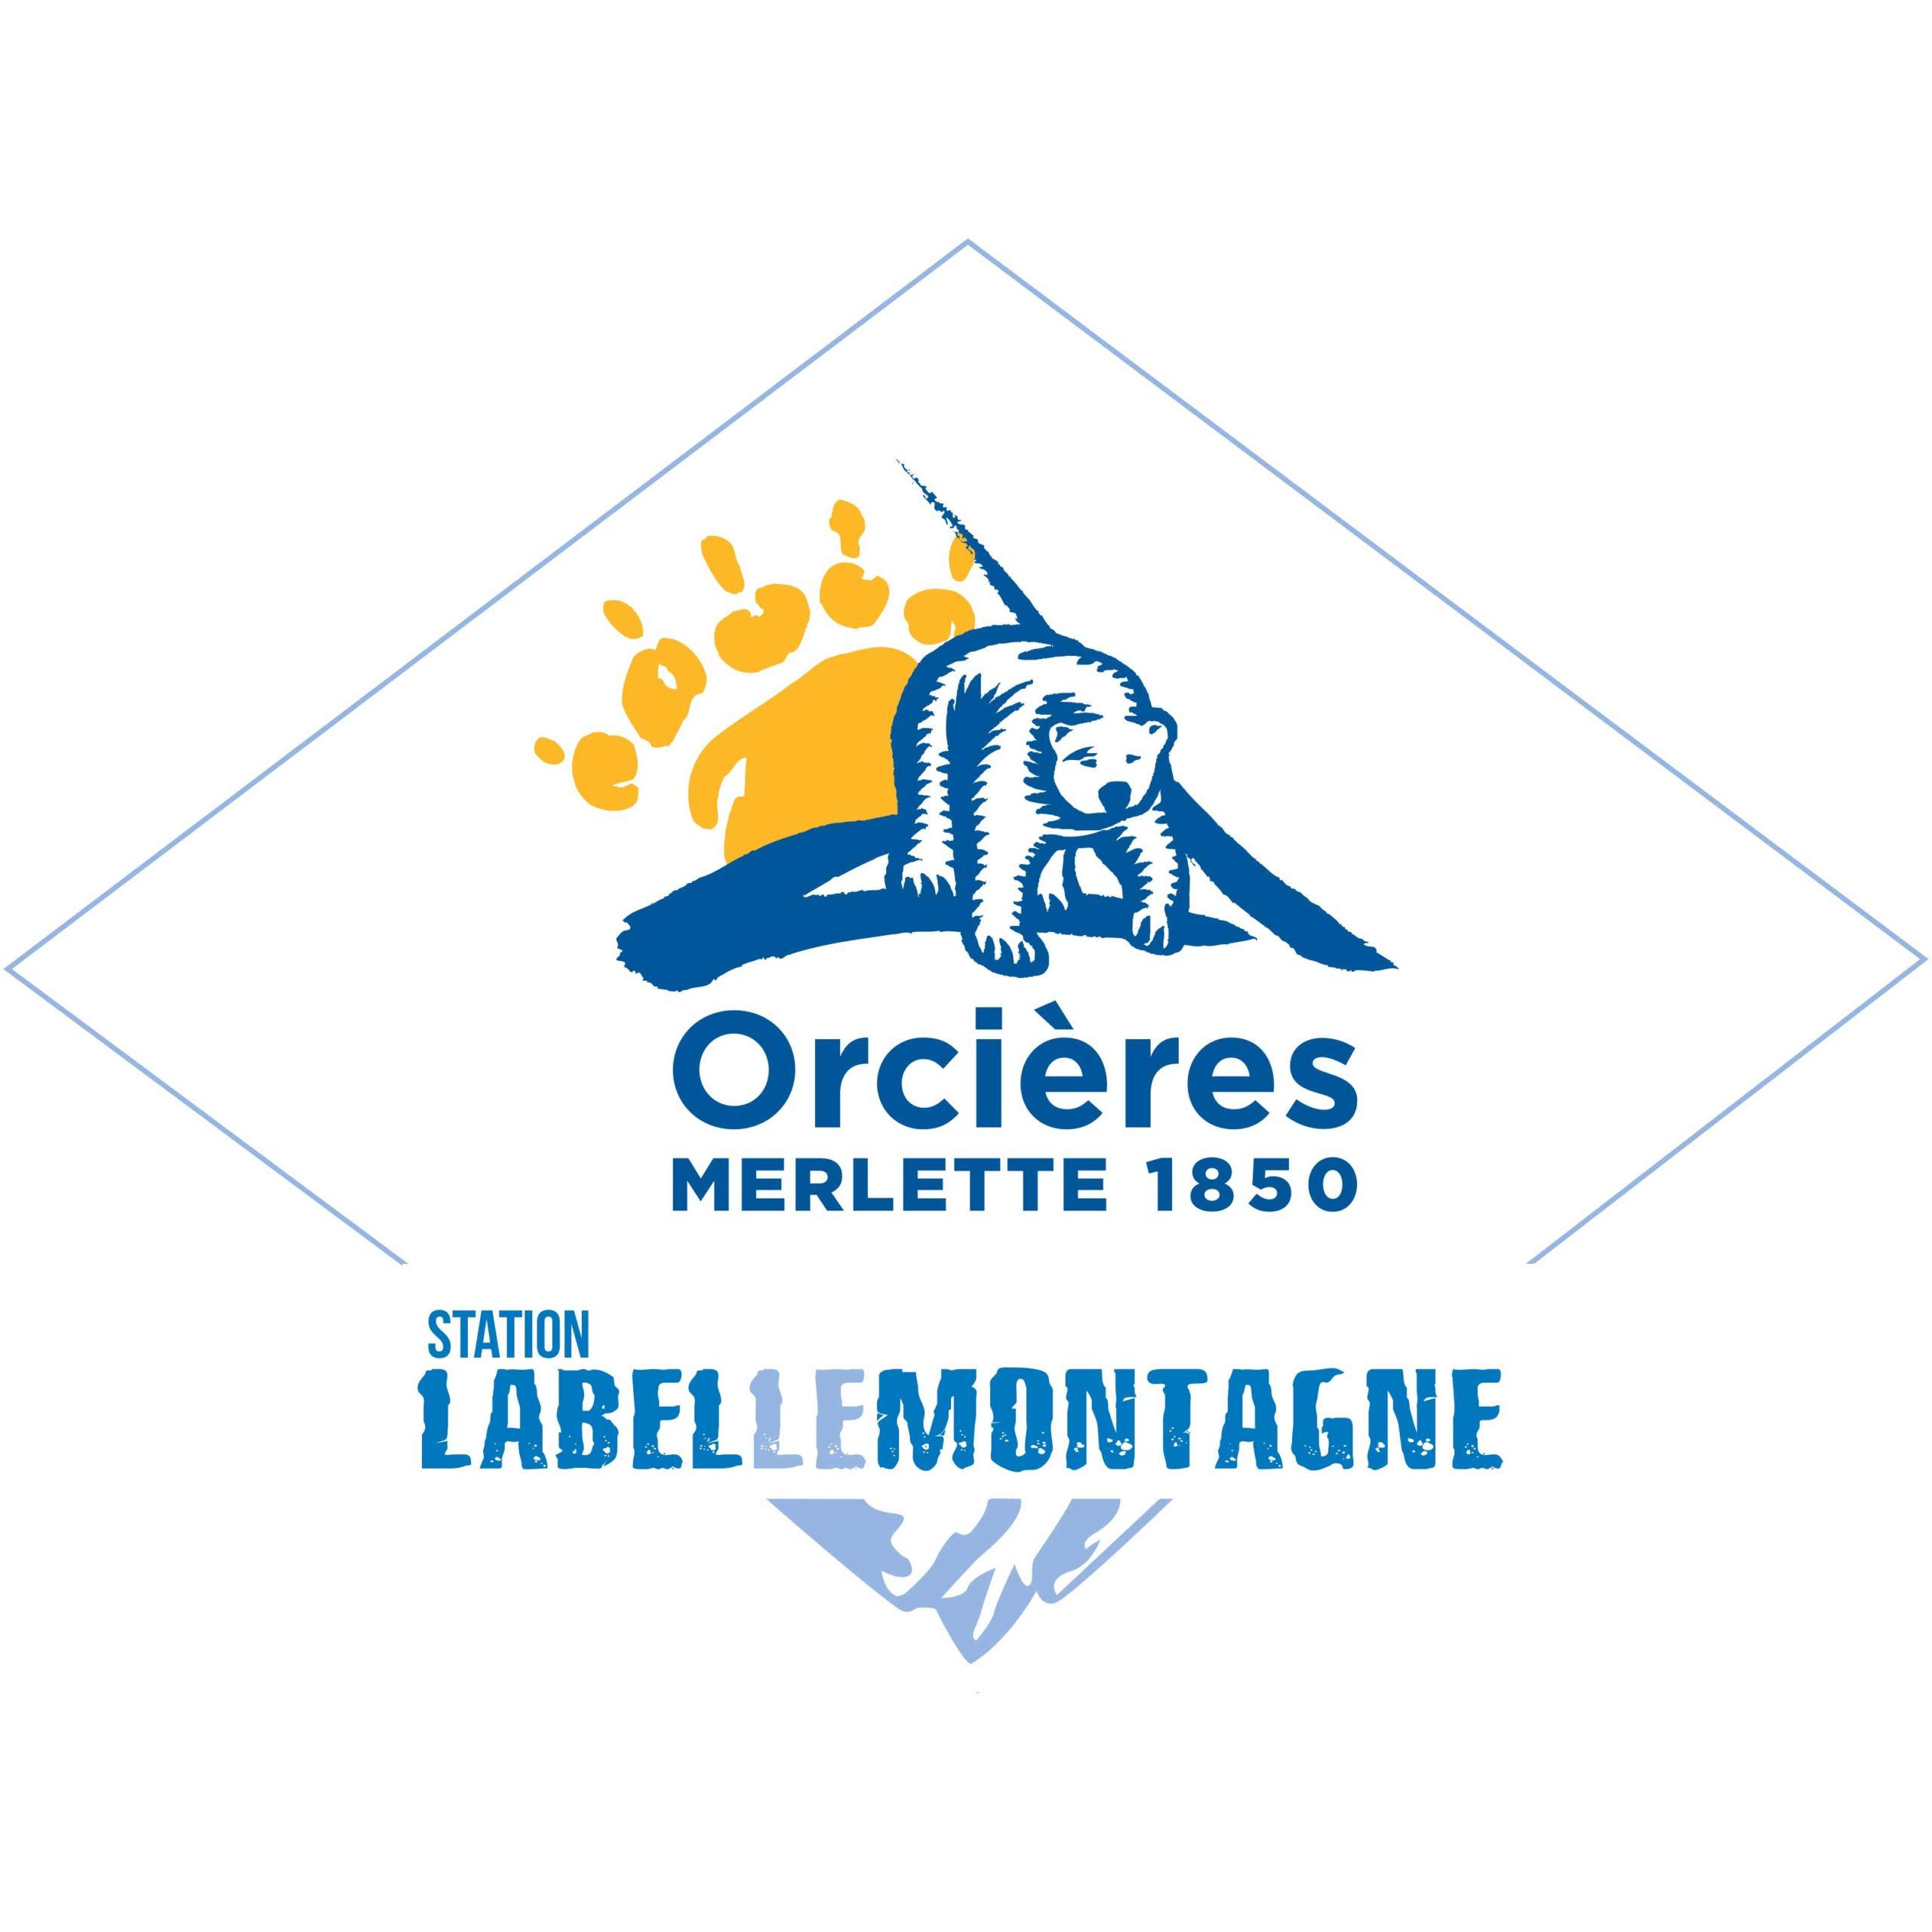 Logo Orcières Merlette La Belle Montagne 1850 Champsaur Hautes Alpes Alpi Traineau Chiens de traineaux